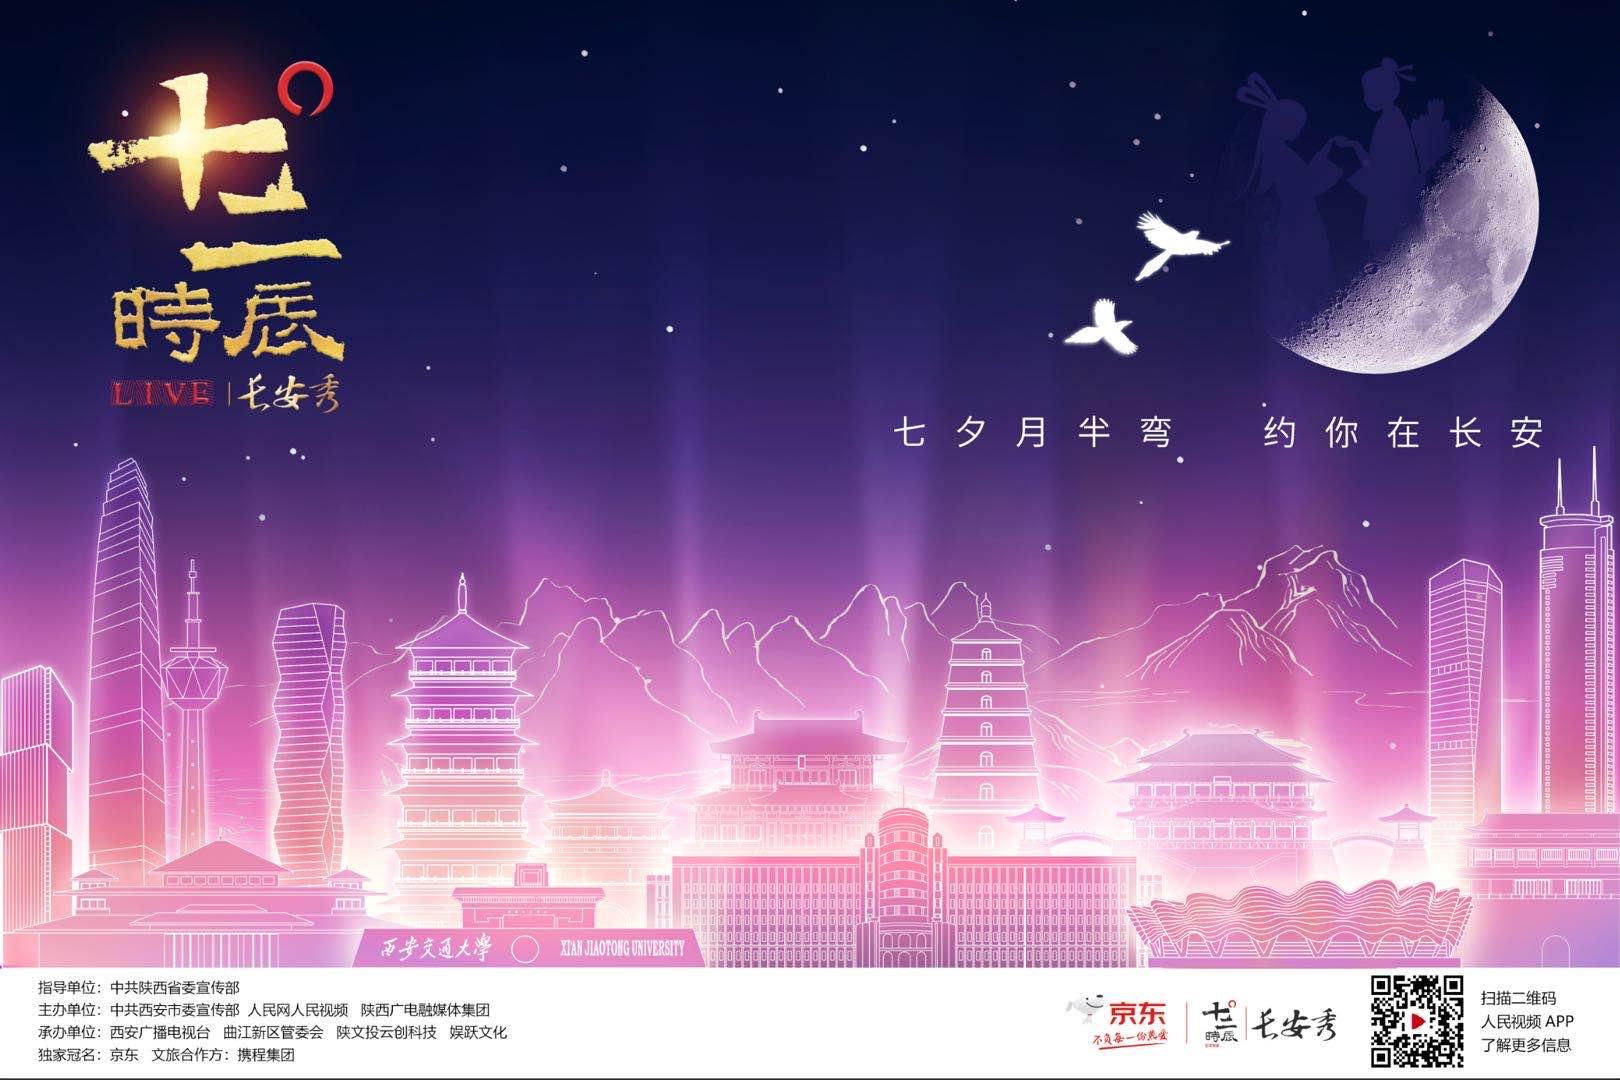 """京东""""领秀""""七夕节 """"十二时辰长安秀""""出5G新模式"""